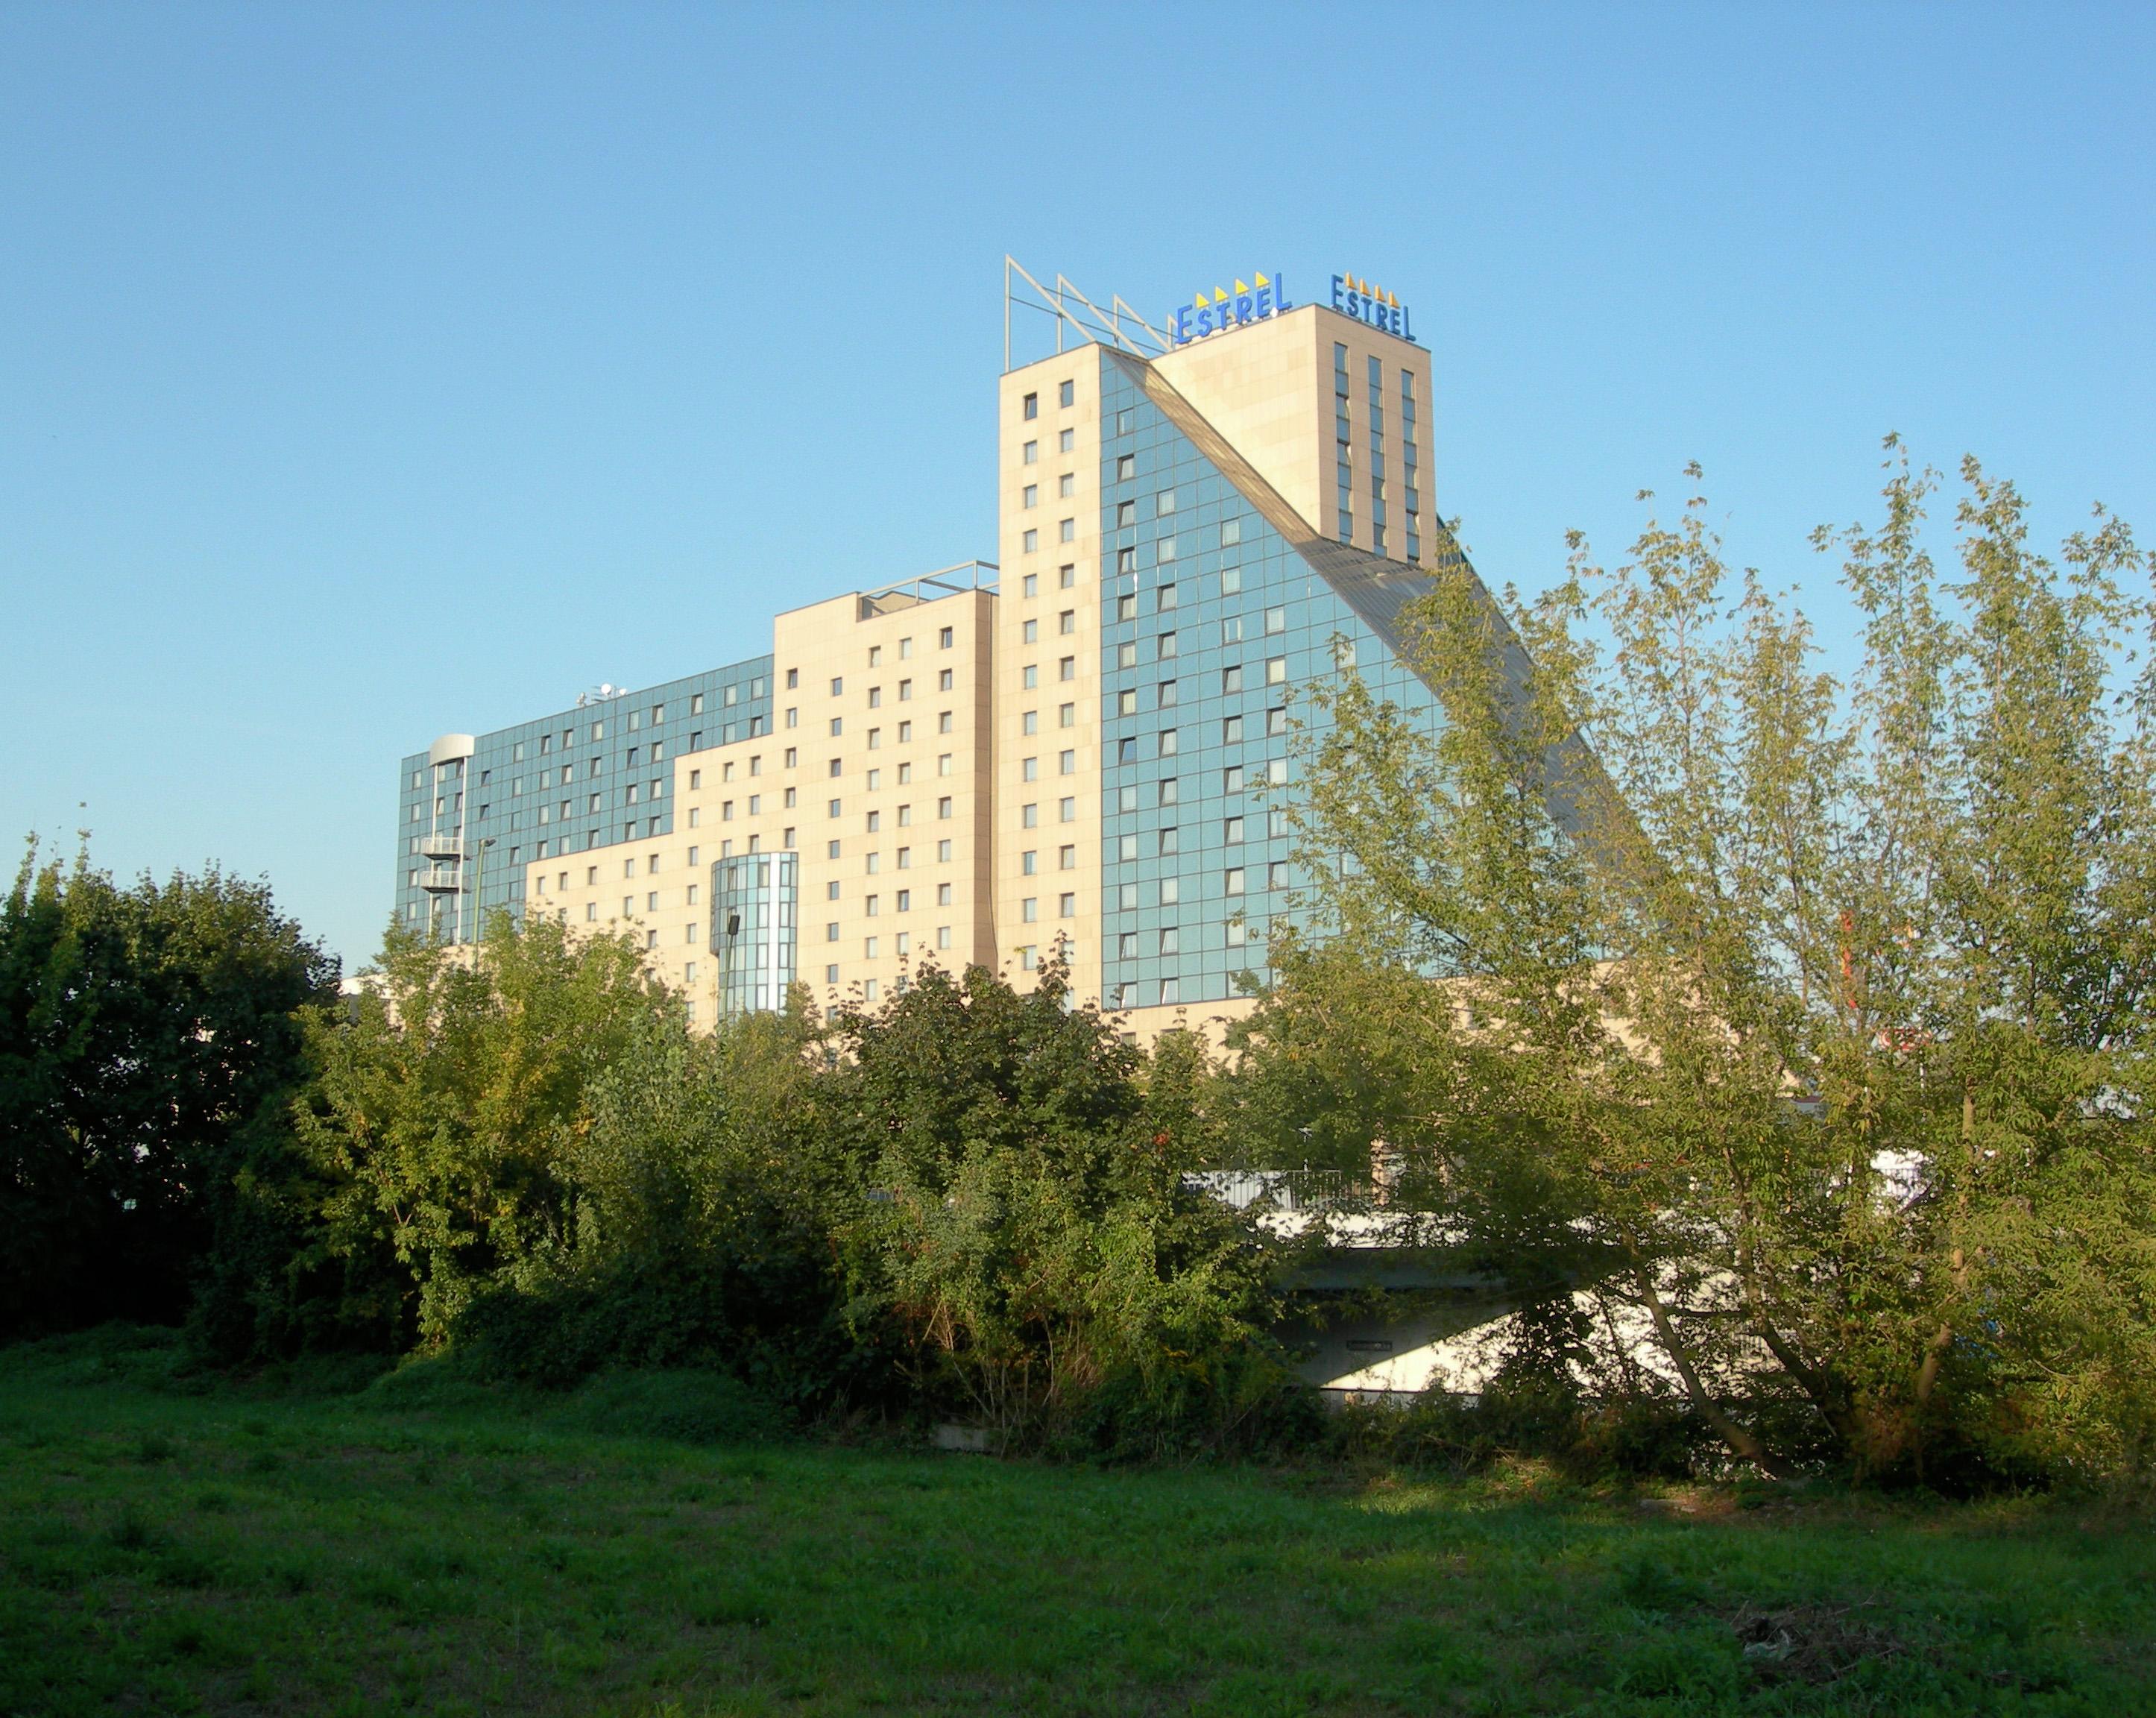 Estrel Hotel Wikipedia